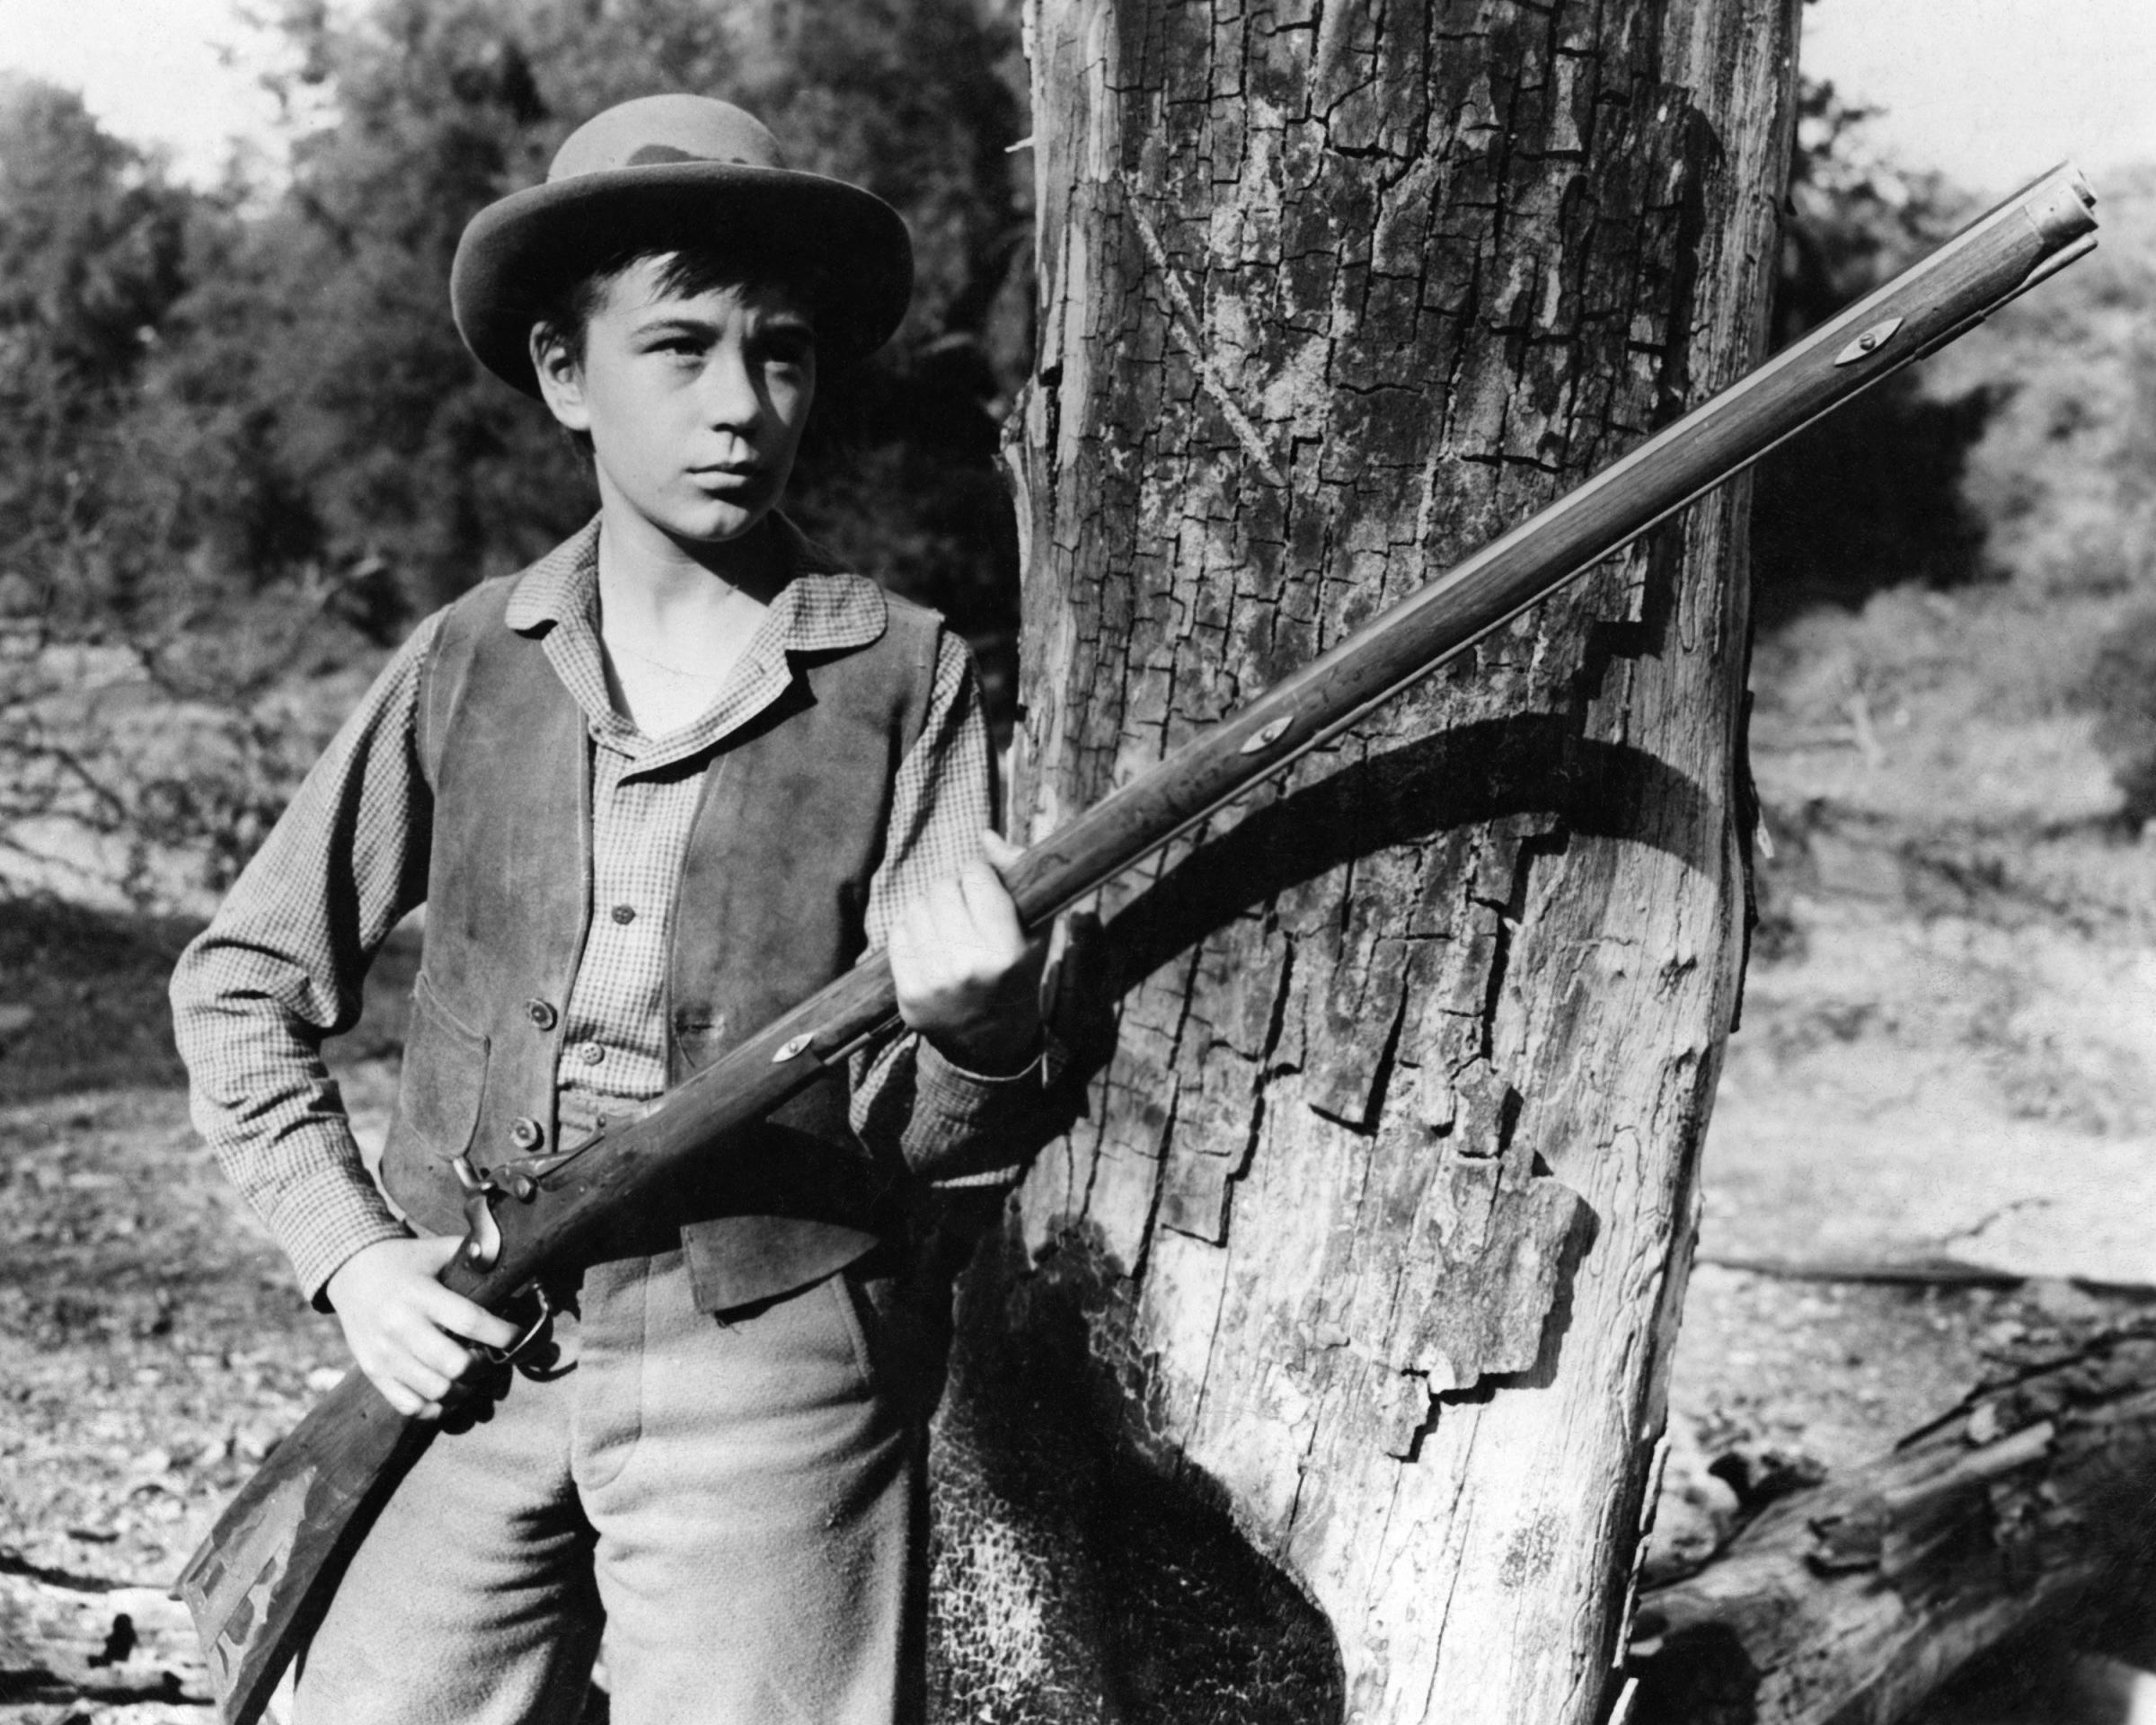 Obituario: Tommy Kirk, estrella infantil de Disney cuya carrera se descarriló por problemas de drogas